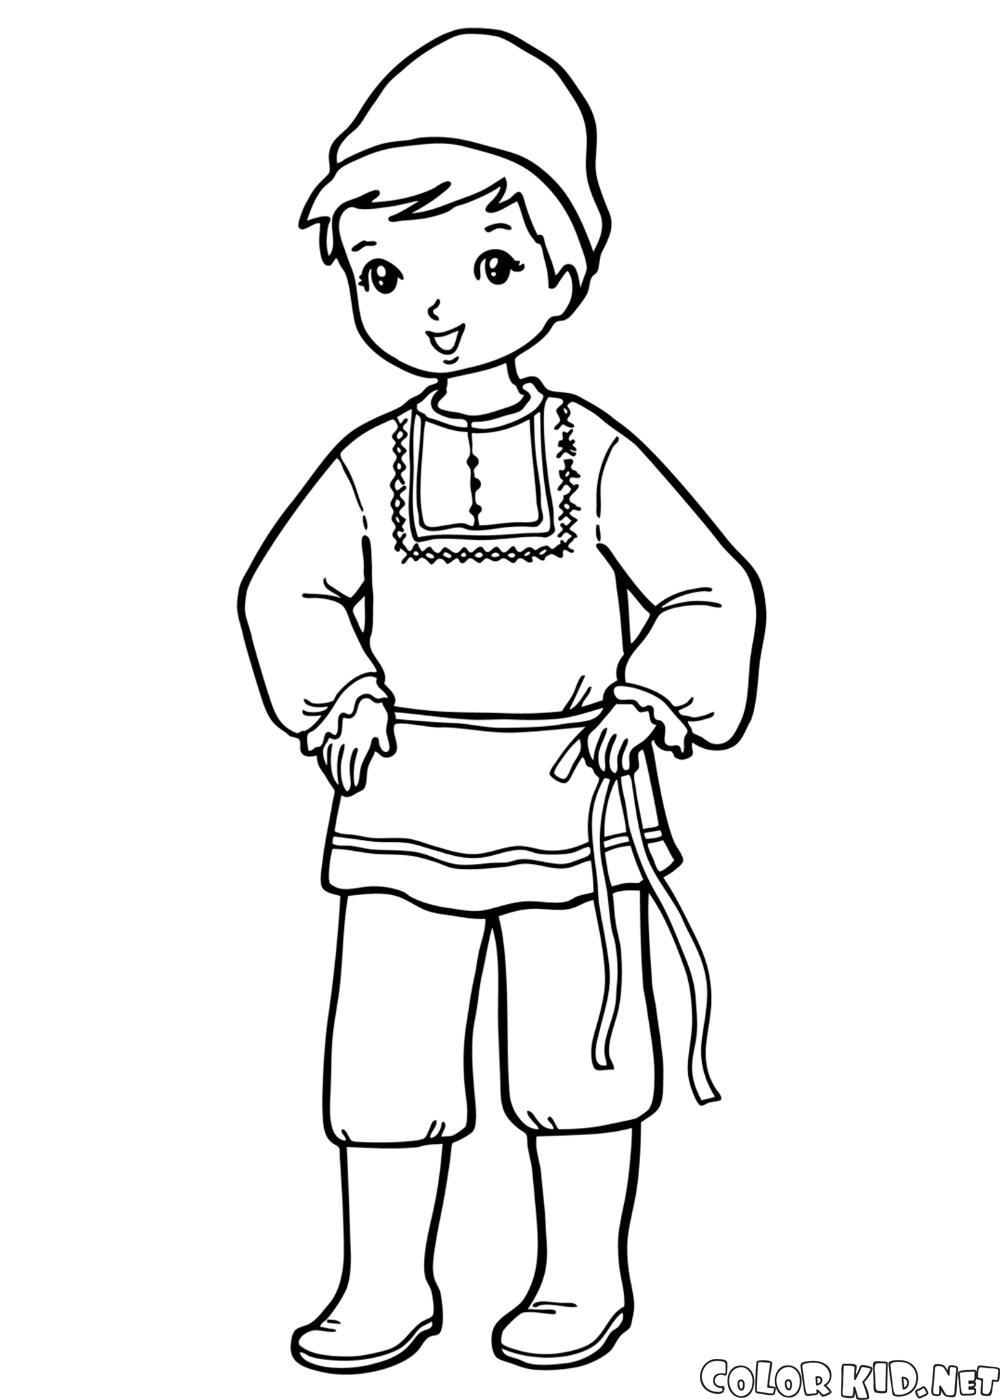 Chłopiec w stroju ludowym